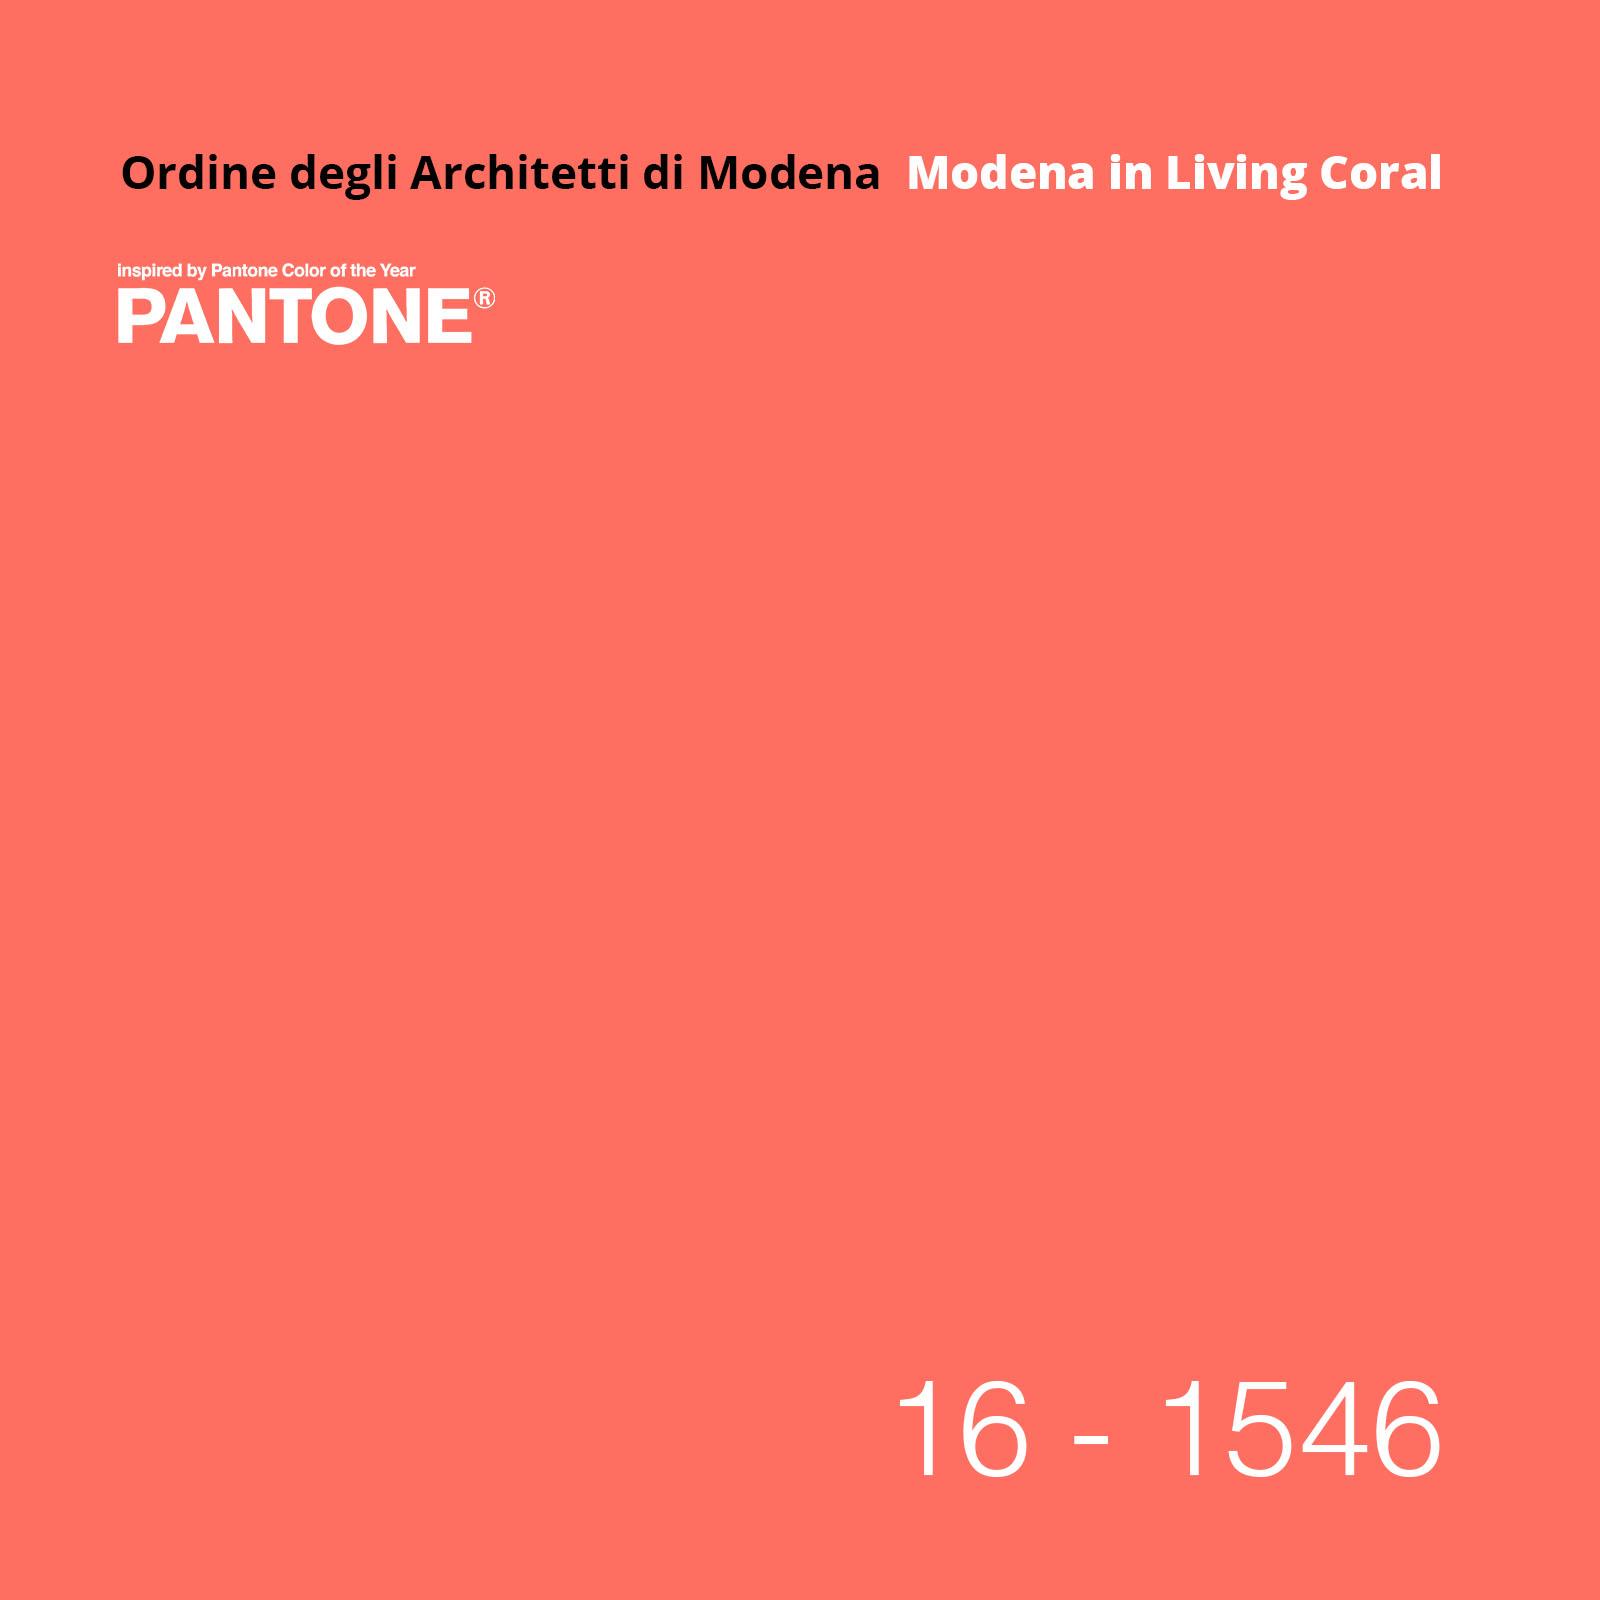 Istallazione collettiva - Modena in Living Coral